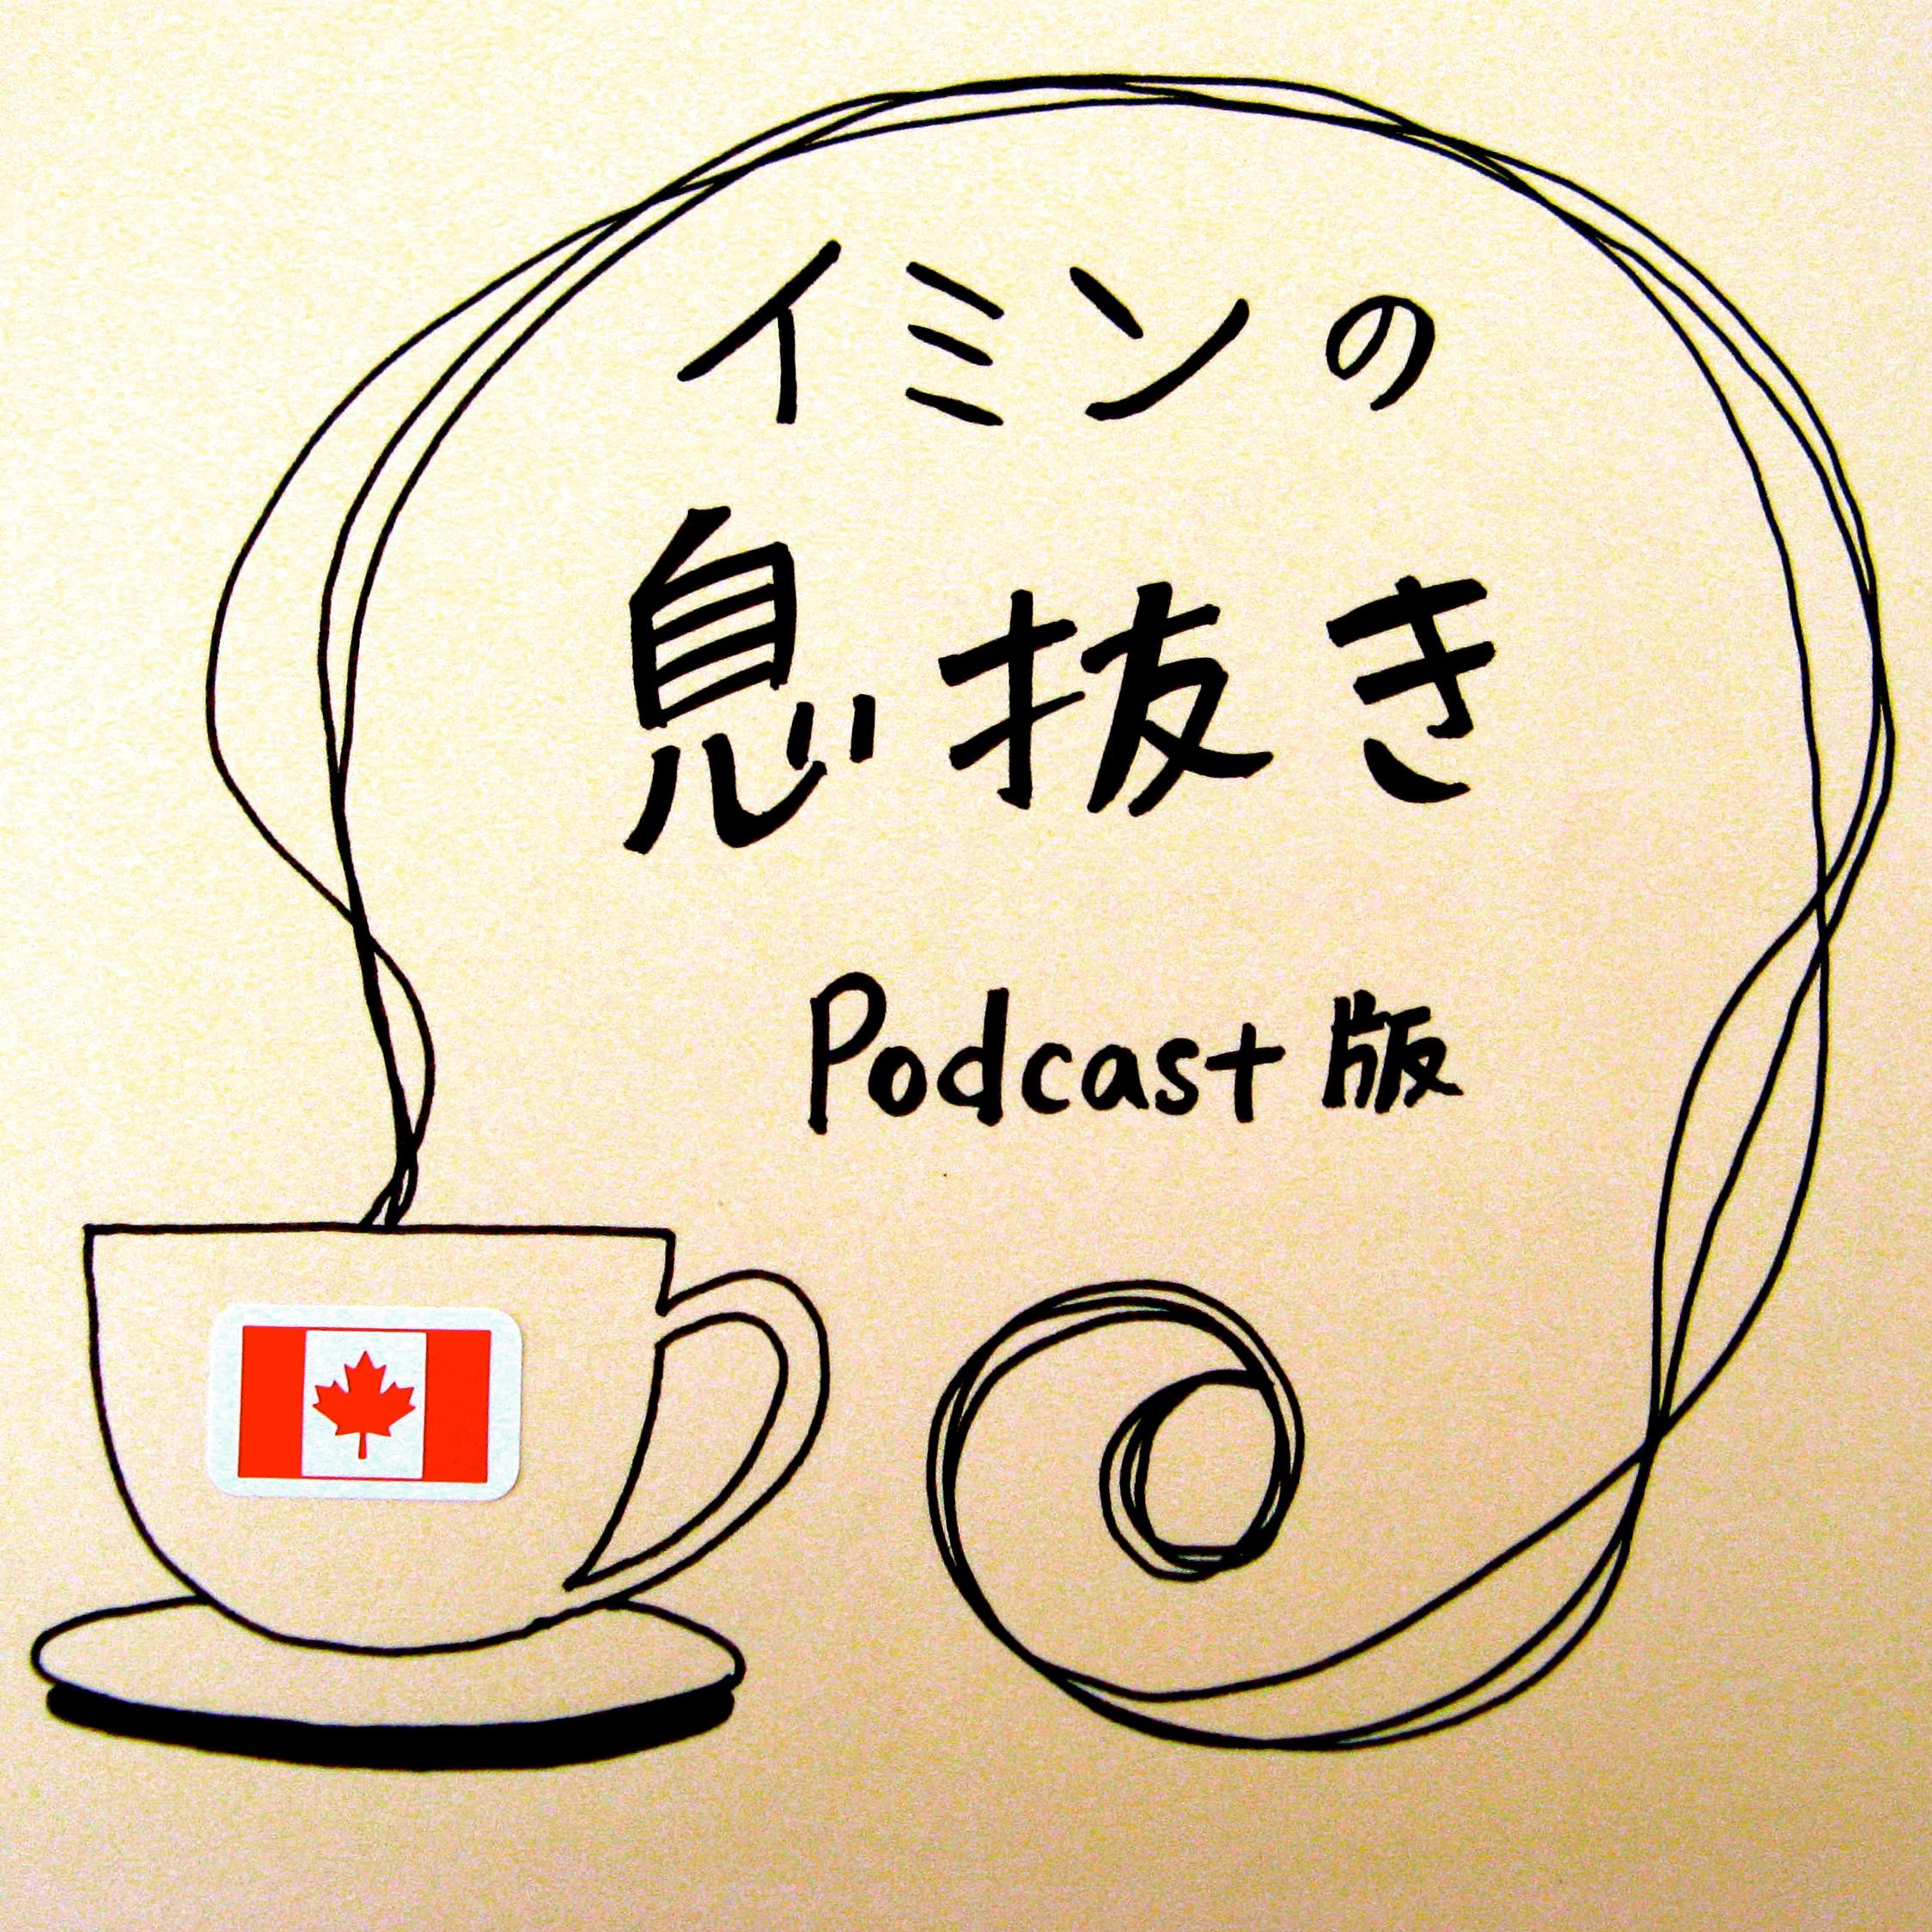 イミンの息抜き Podcast版